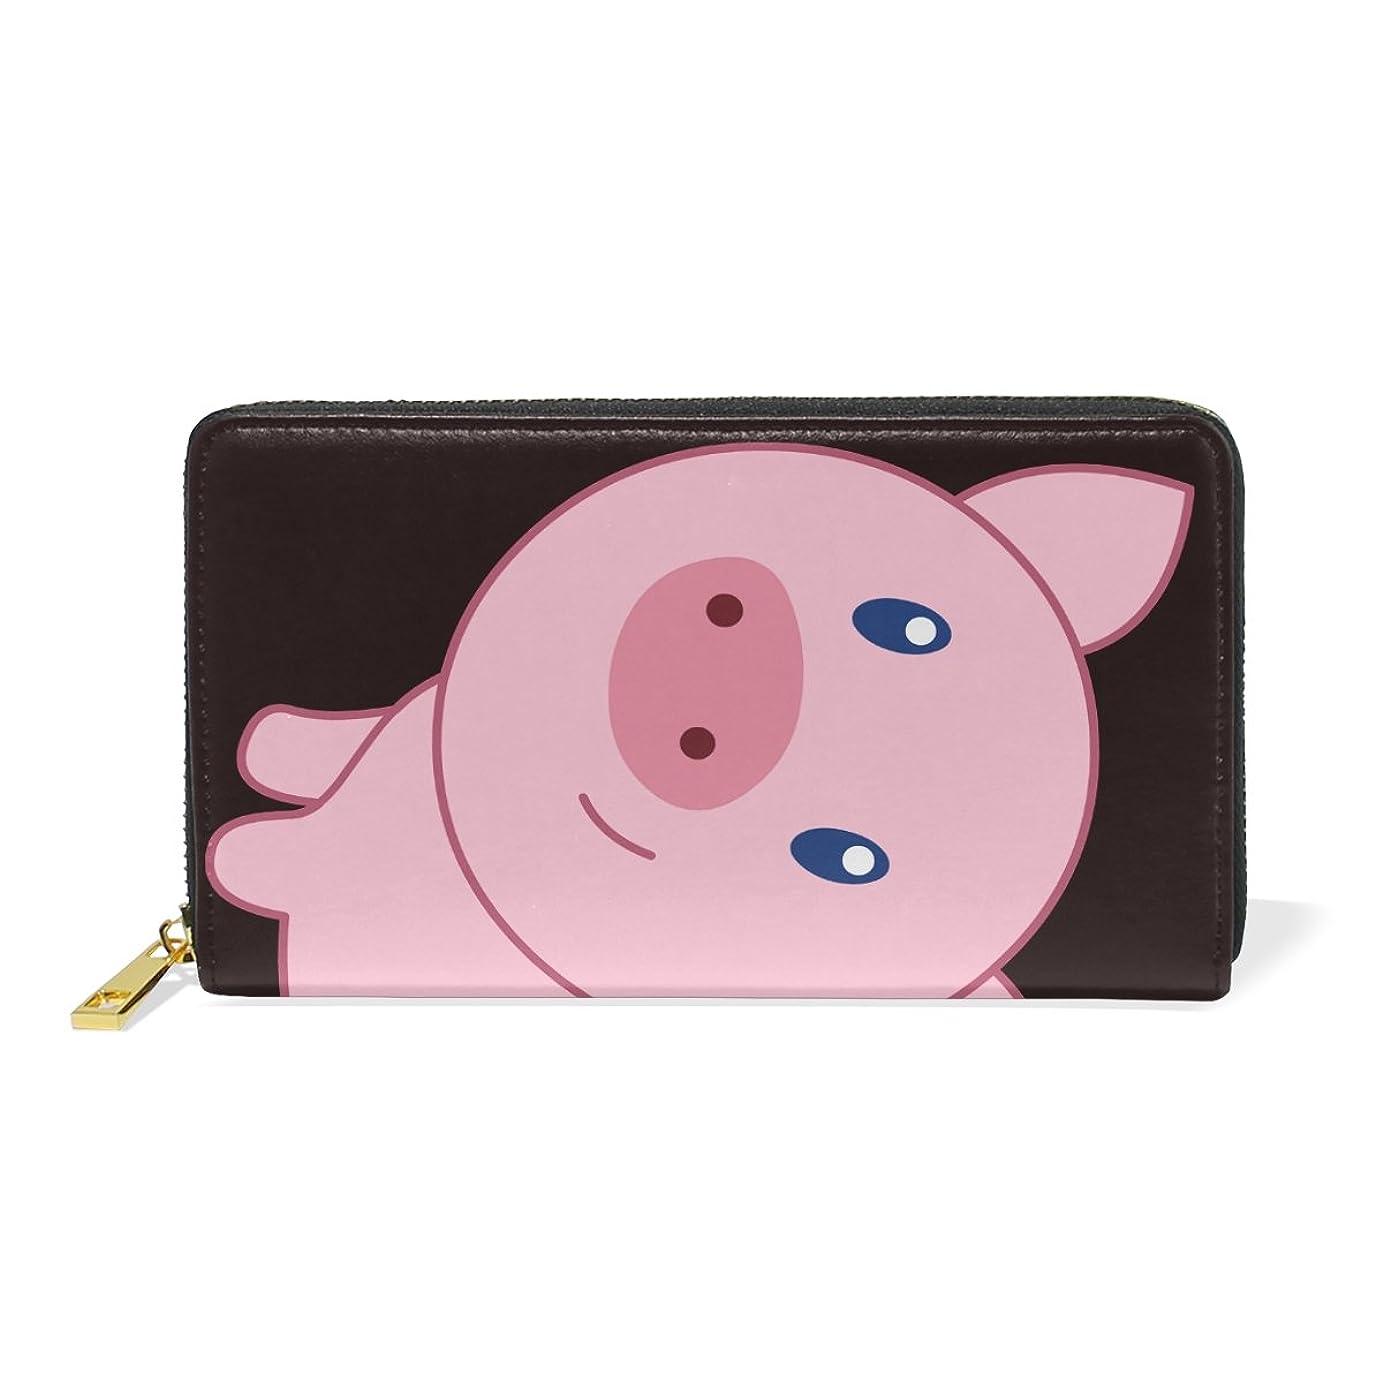 クリケットしゃがむ私マキク(MAKIKU) 長財布 レディース 本革 大容量 ラウンドファスナー カード12枚収納 プレゼント対応 かわいい 豚 ピンク